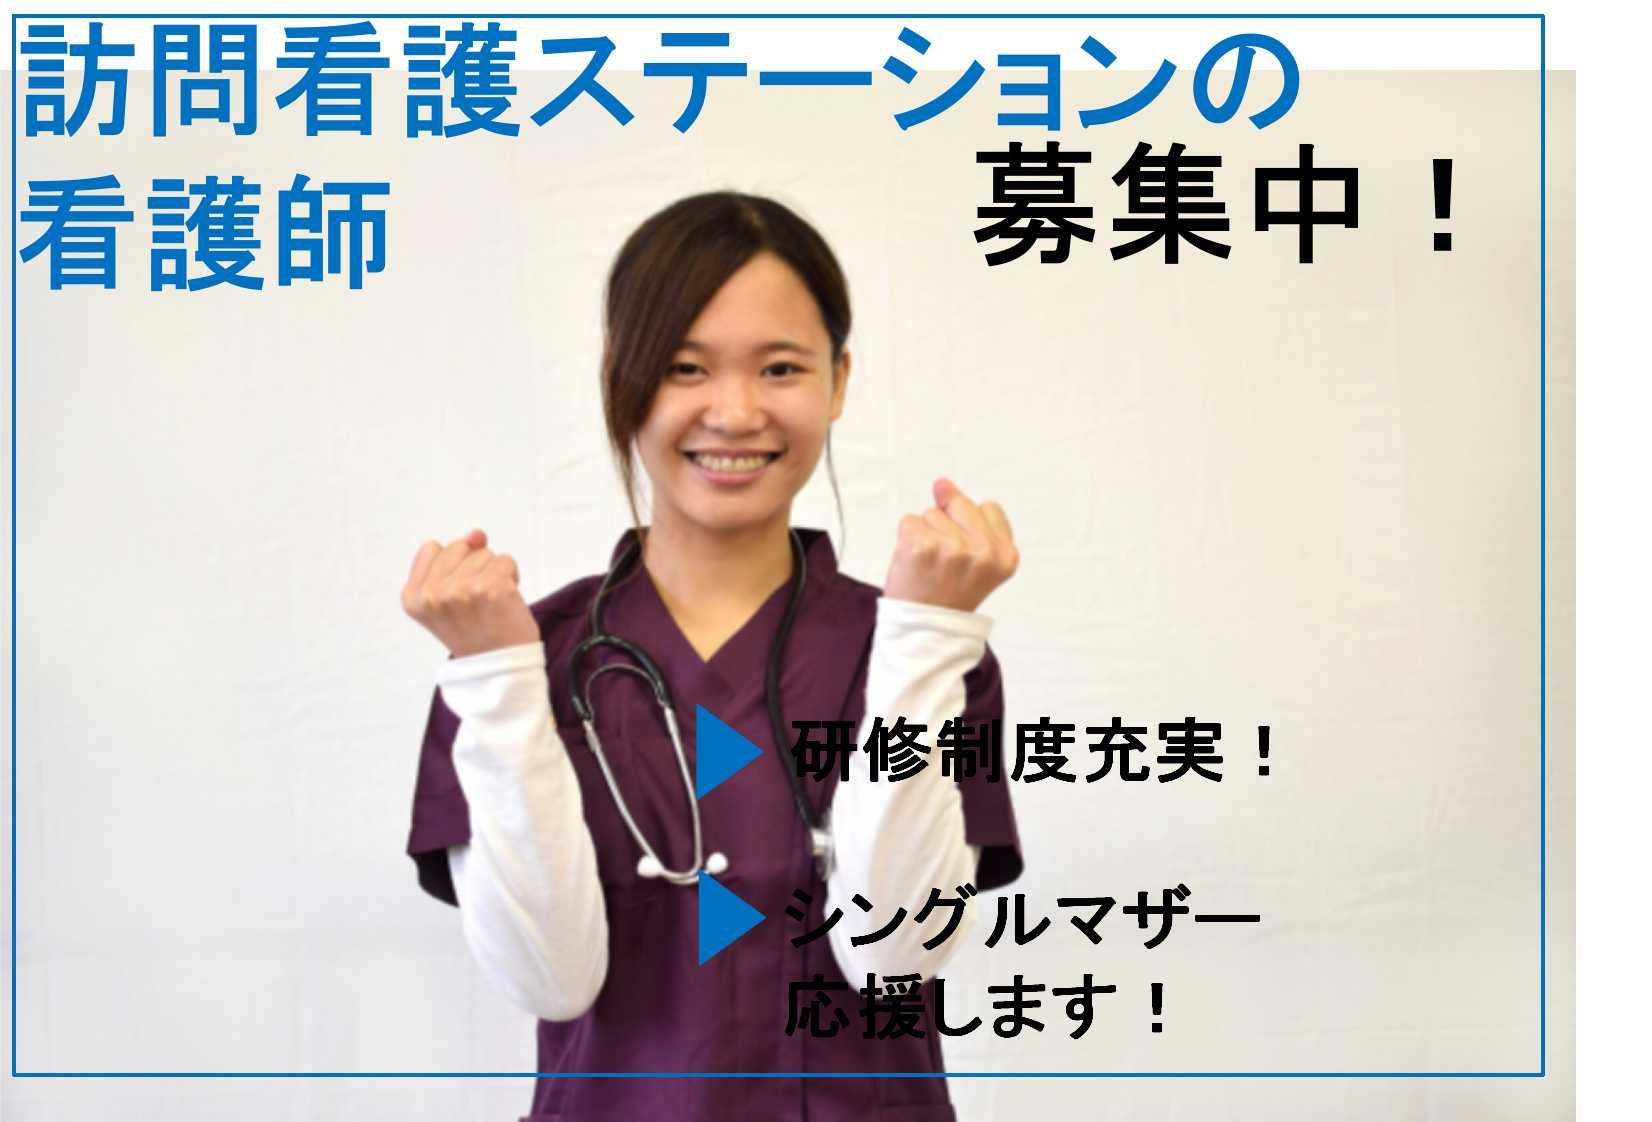 夜勤なし♪シングルマザー応援!訪問看護ステーションの看護師【即面談可能】 イメージ